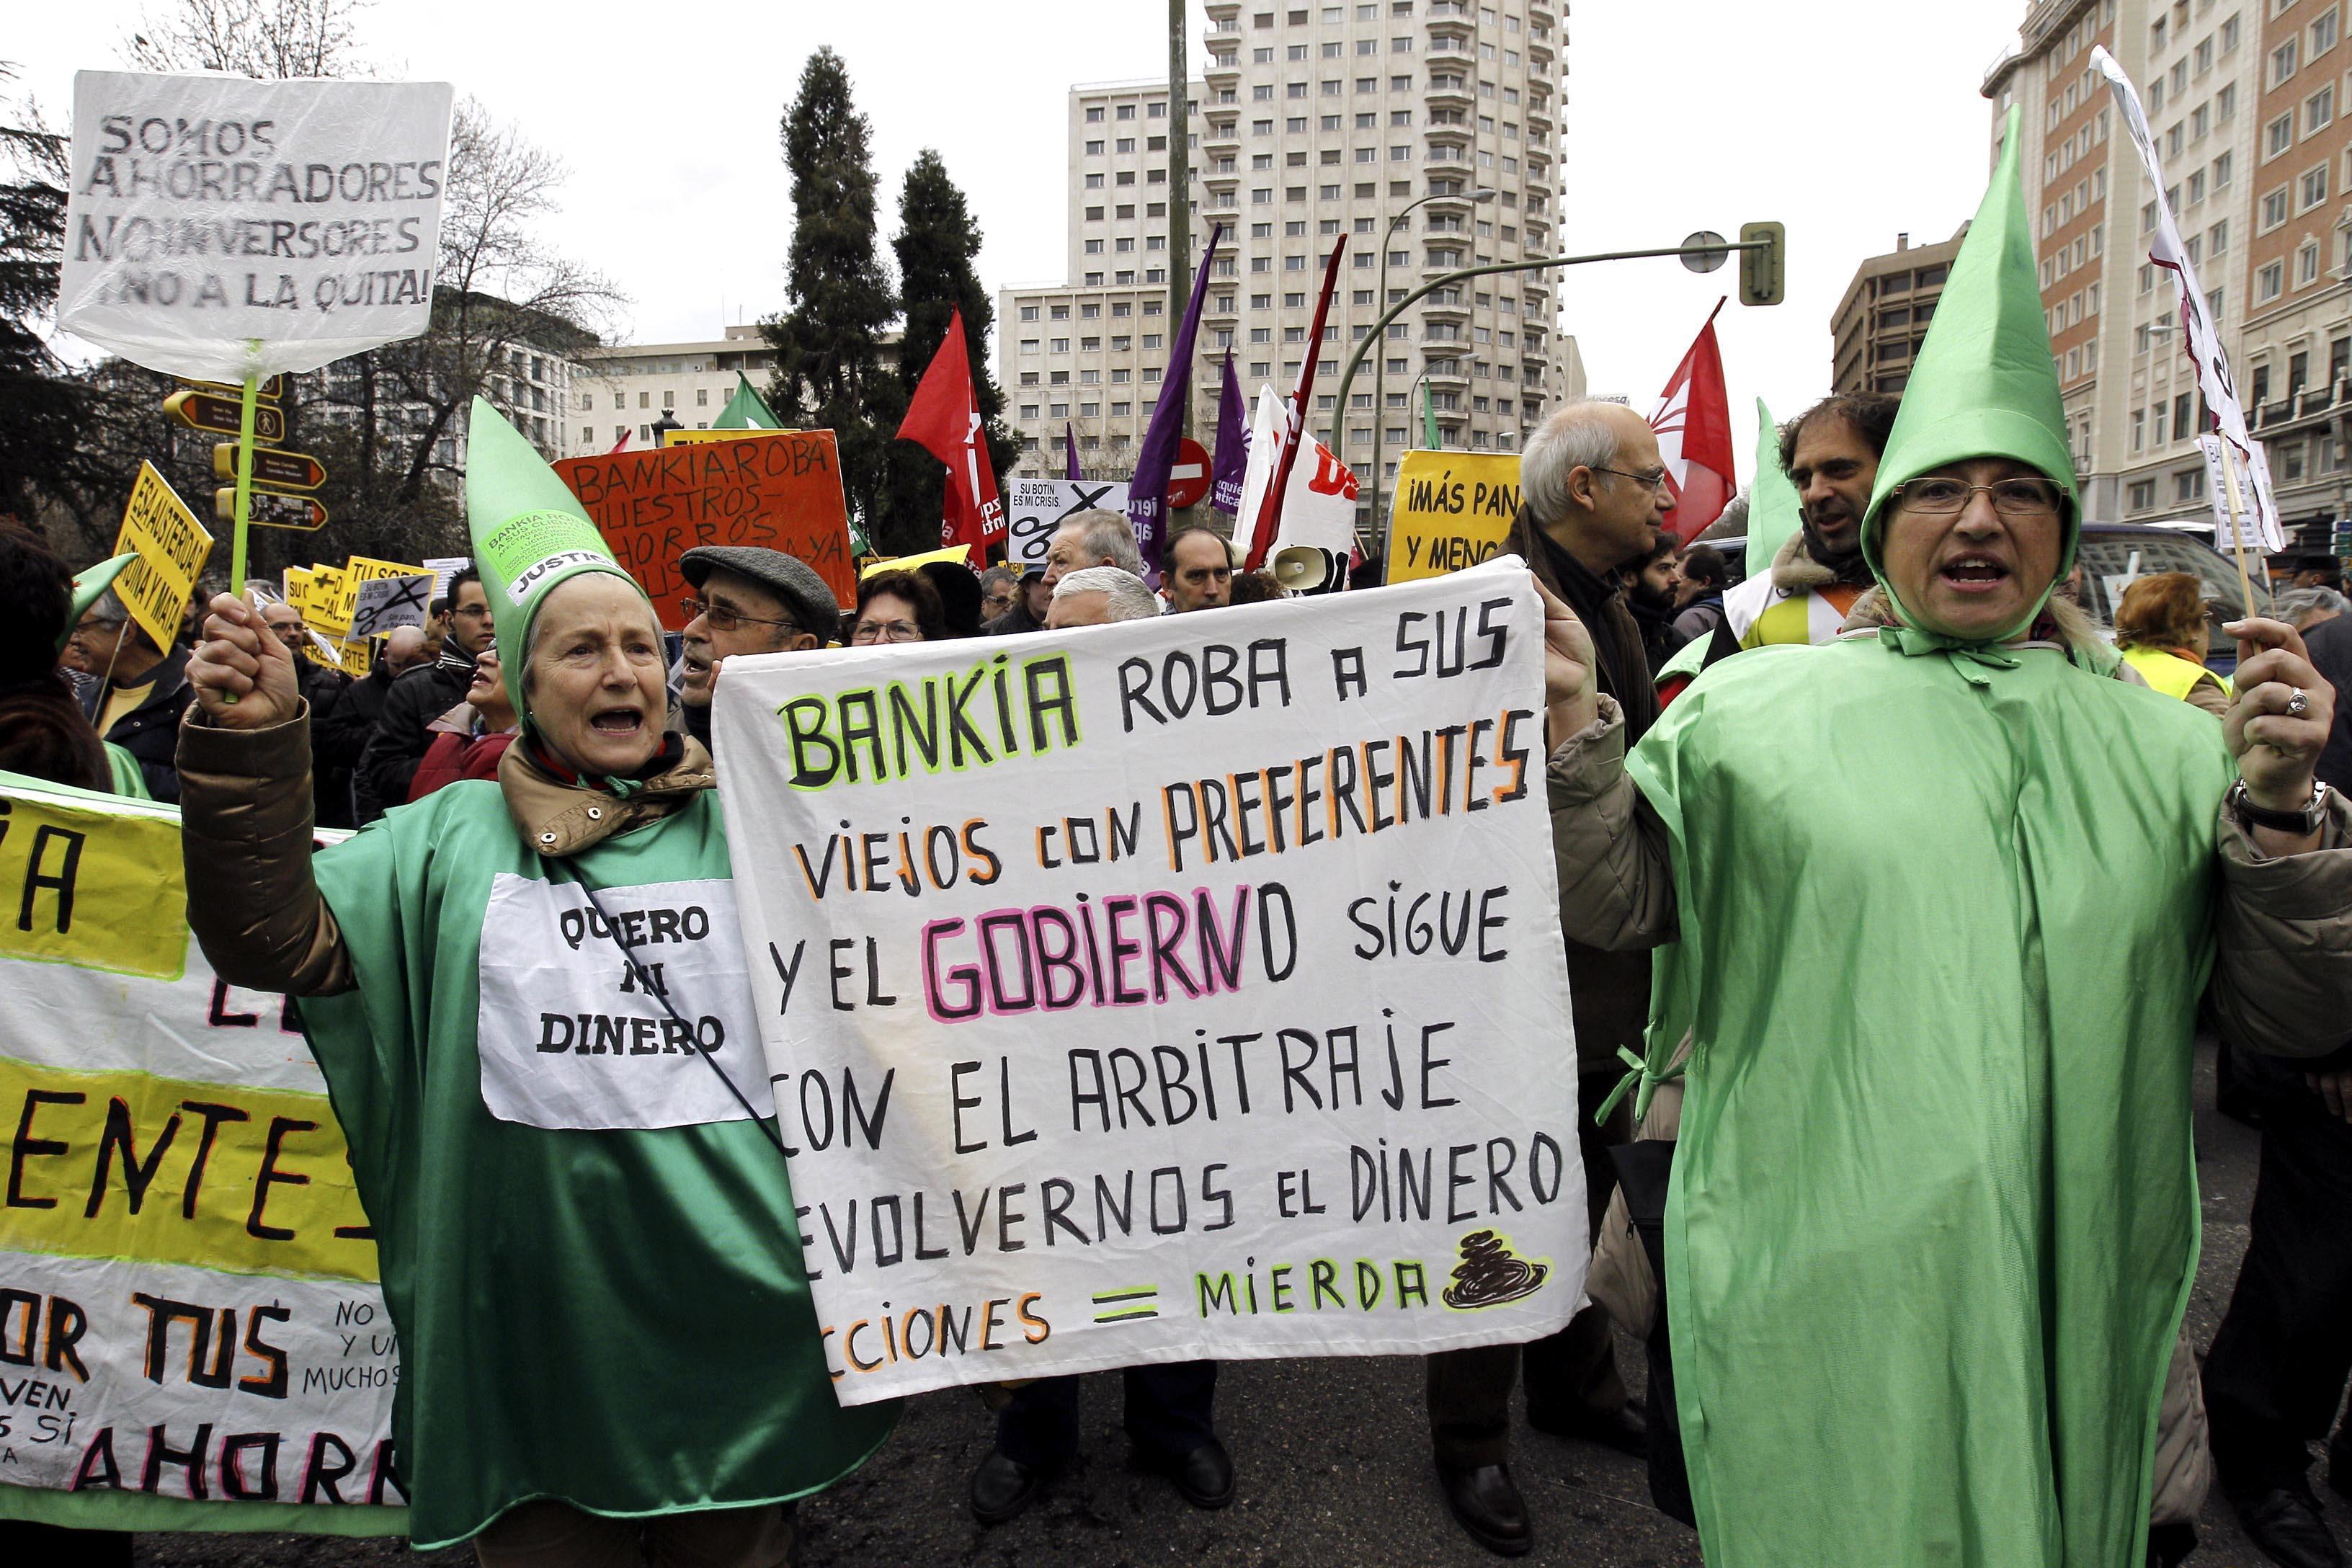 Más de 63.600 clientes de Bankia han pedido el arbitraje por las preferentes